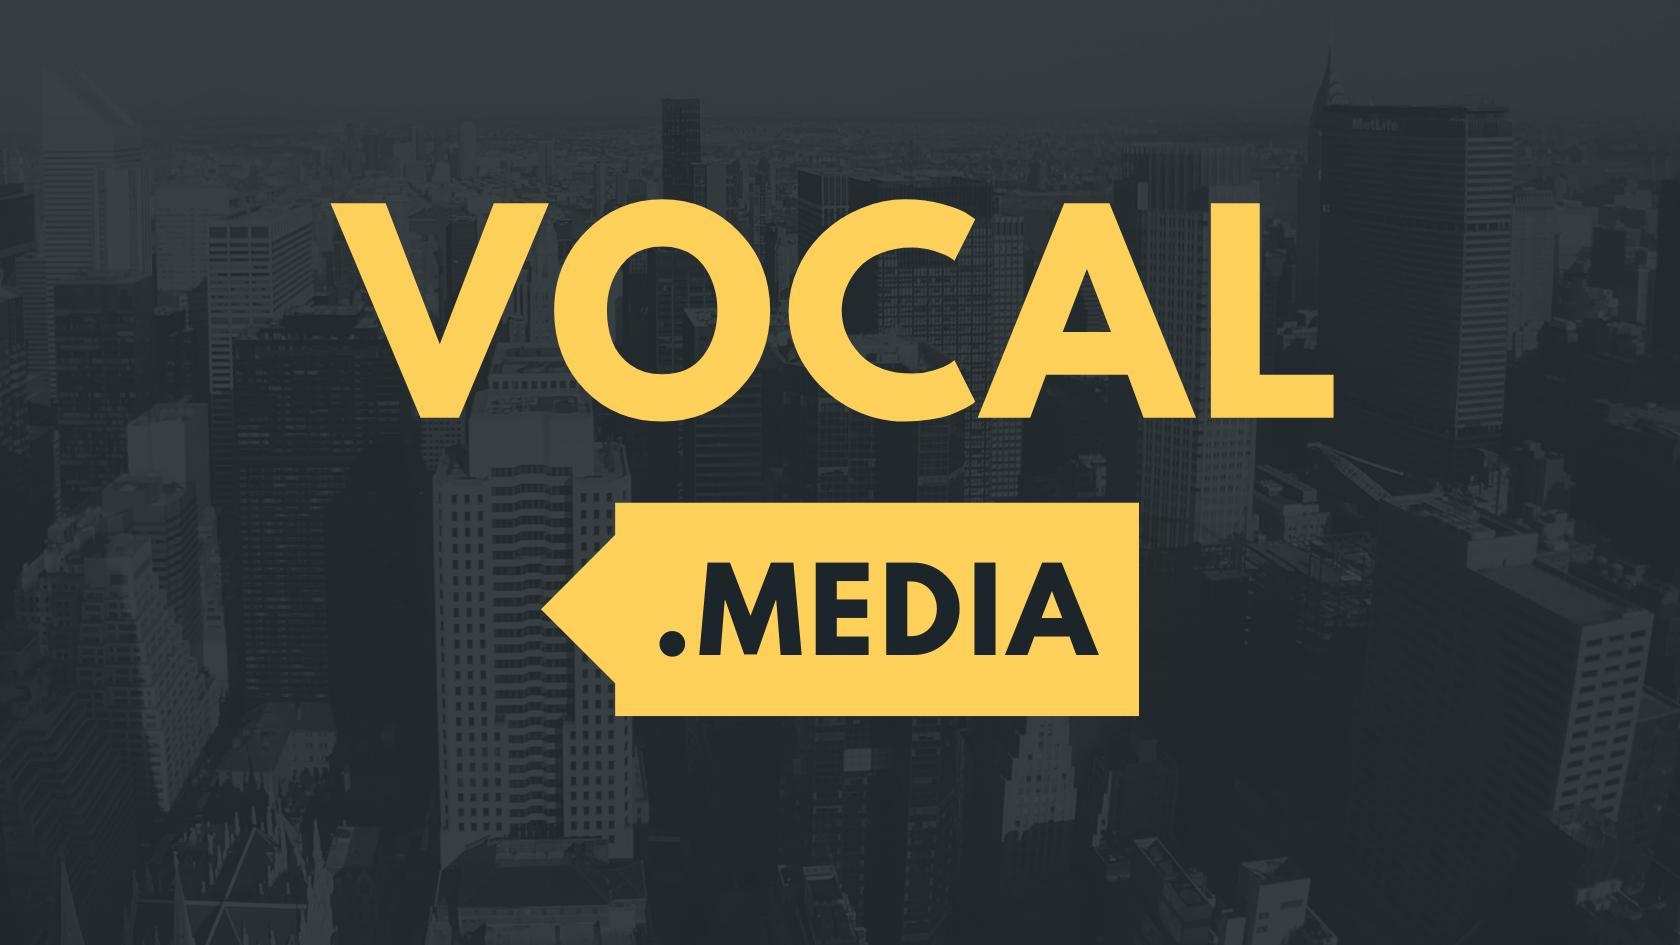 vocal, vocal.media, Can you make money on vocal?, casey botticello, How do vocal media make money?, vocal reviews, vocal plus